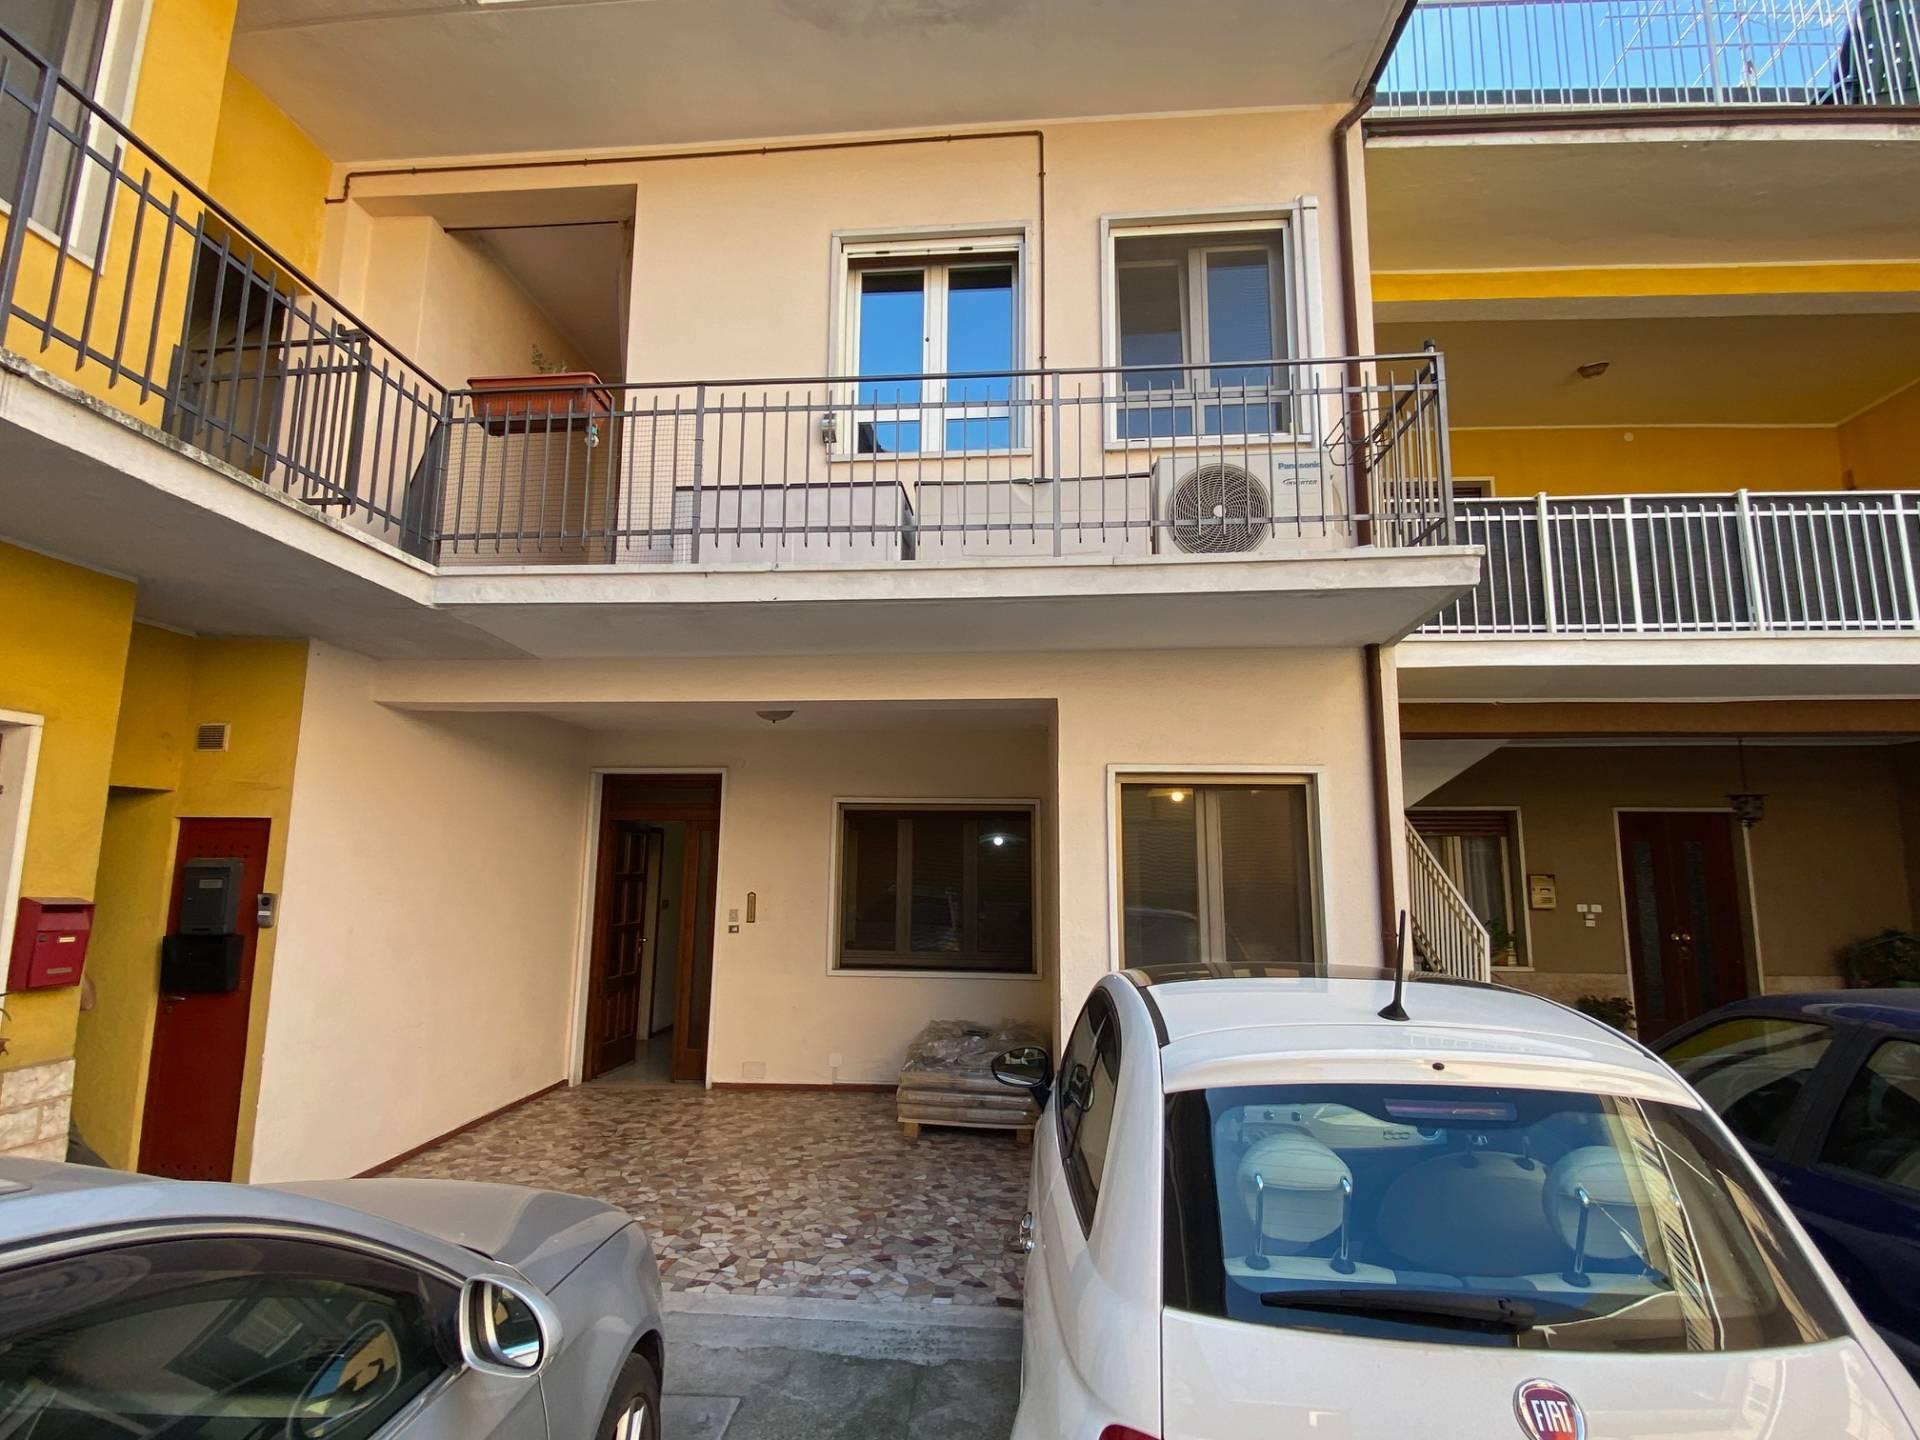 Appartamento in vendita a Cologne, 3 locali, prezzo € 60.000 | PortaleAgenzieImmobiliari.it